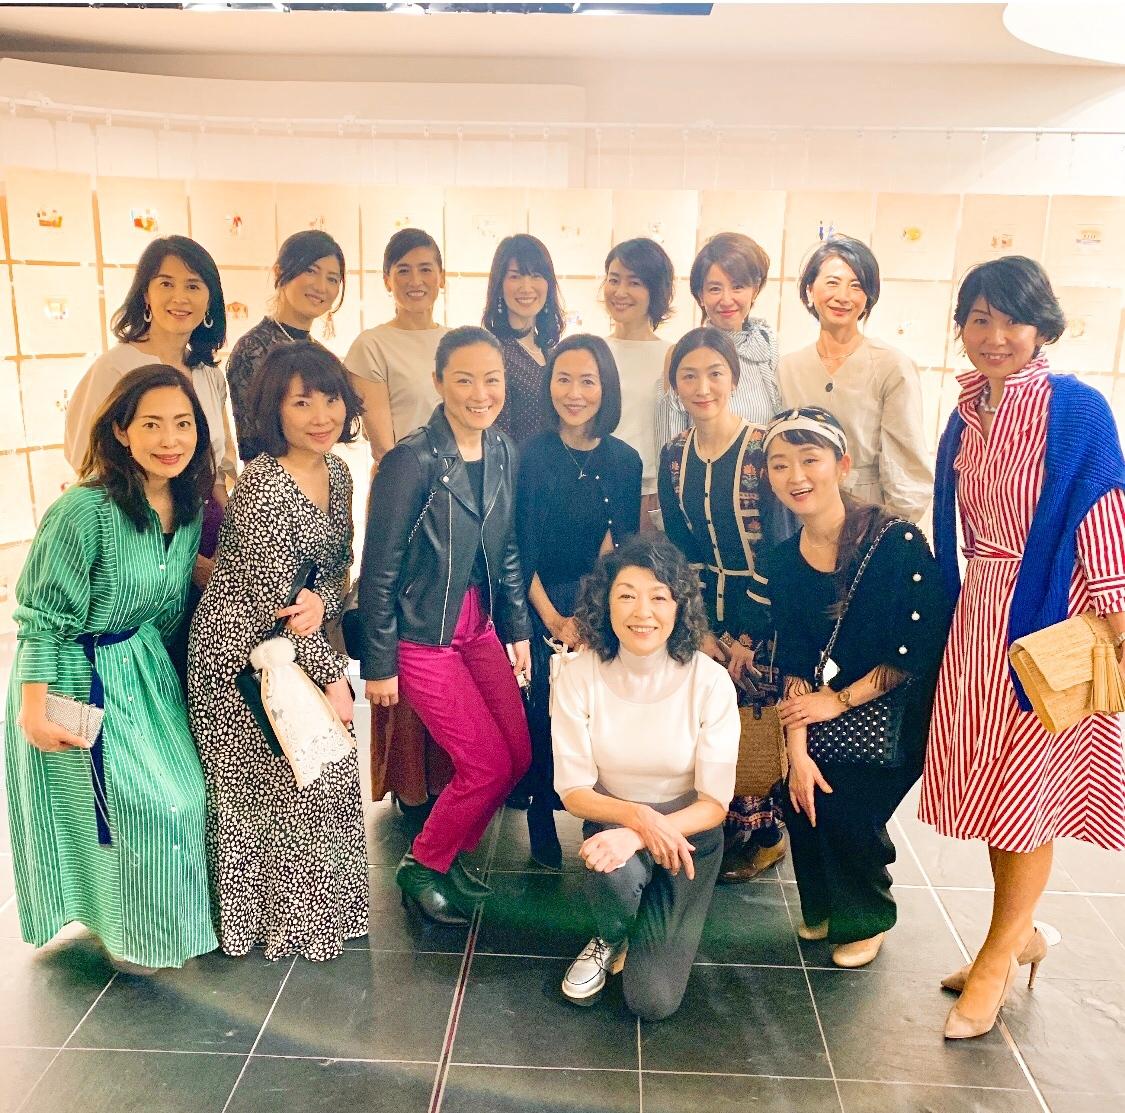 山本容子さんとéclat華組、jマダムの皆さんと記念撮影